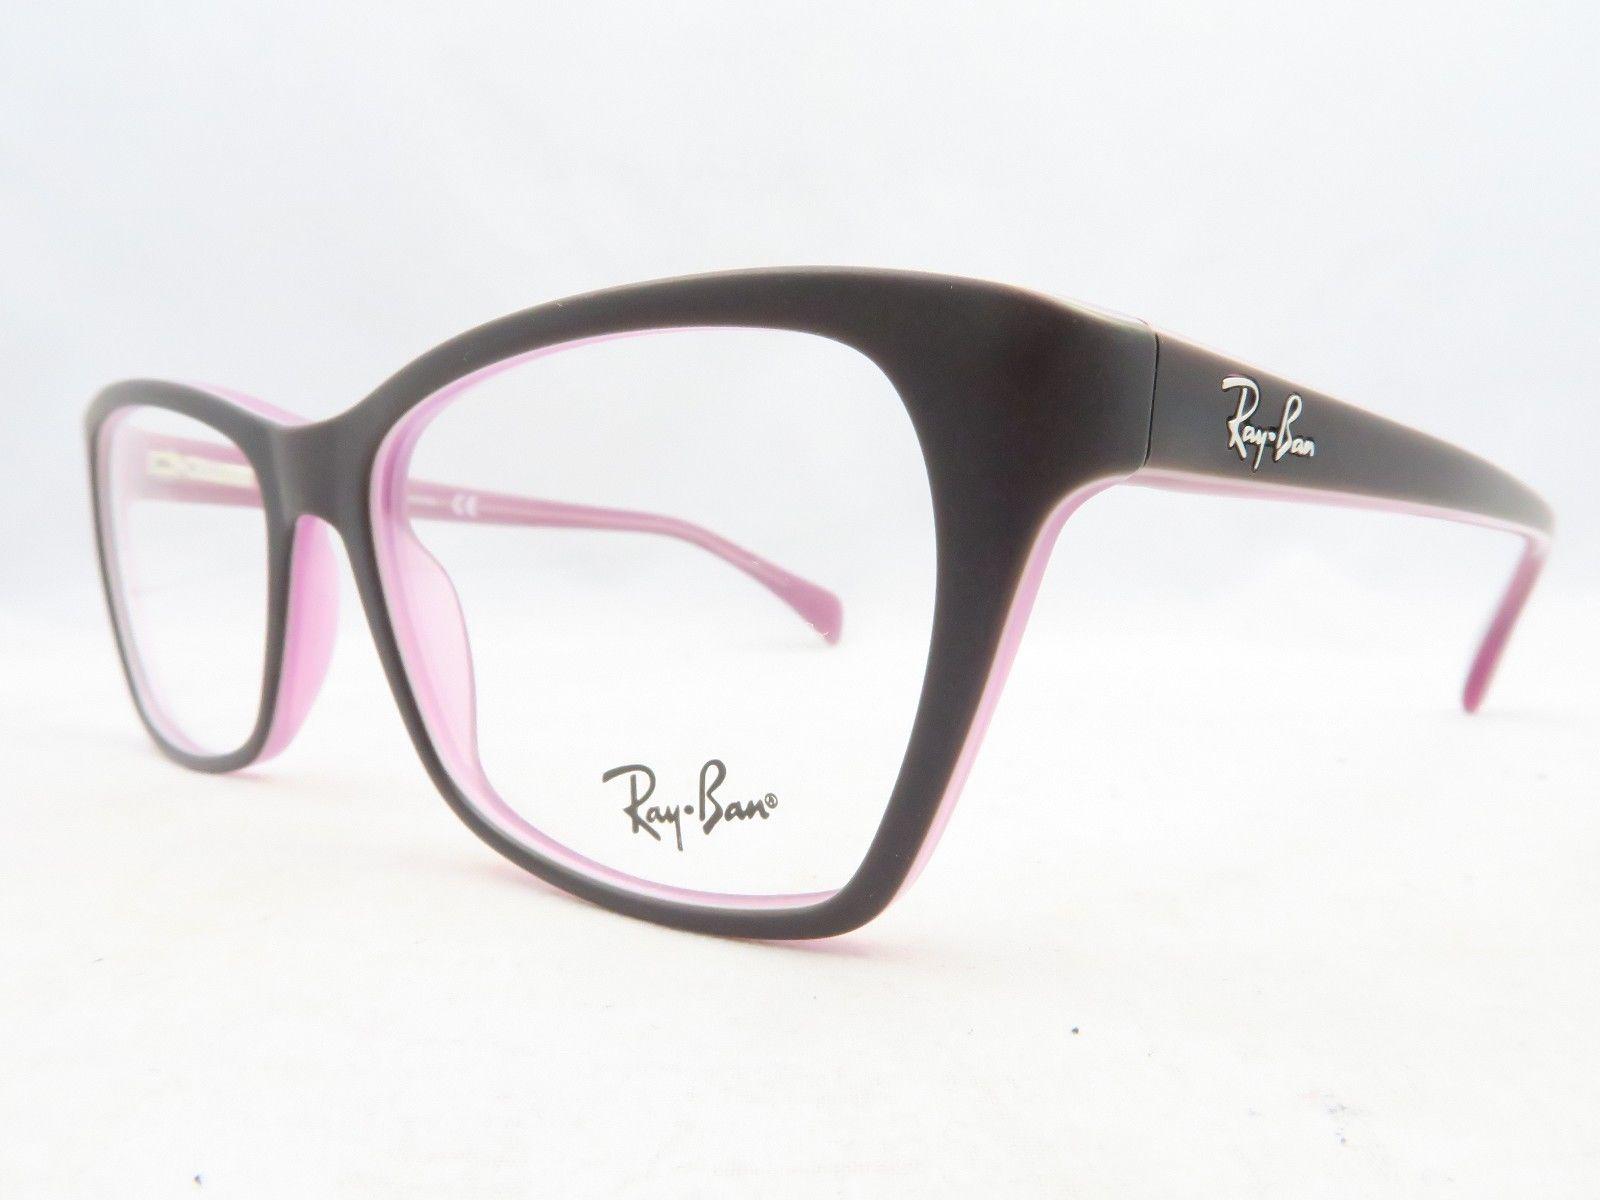 8f118319b59 Ray Ban RB 5298 5386 Frames Eyeglasses 55mm - 6